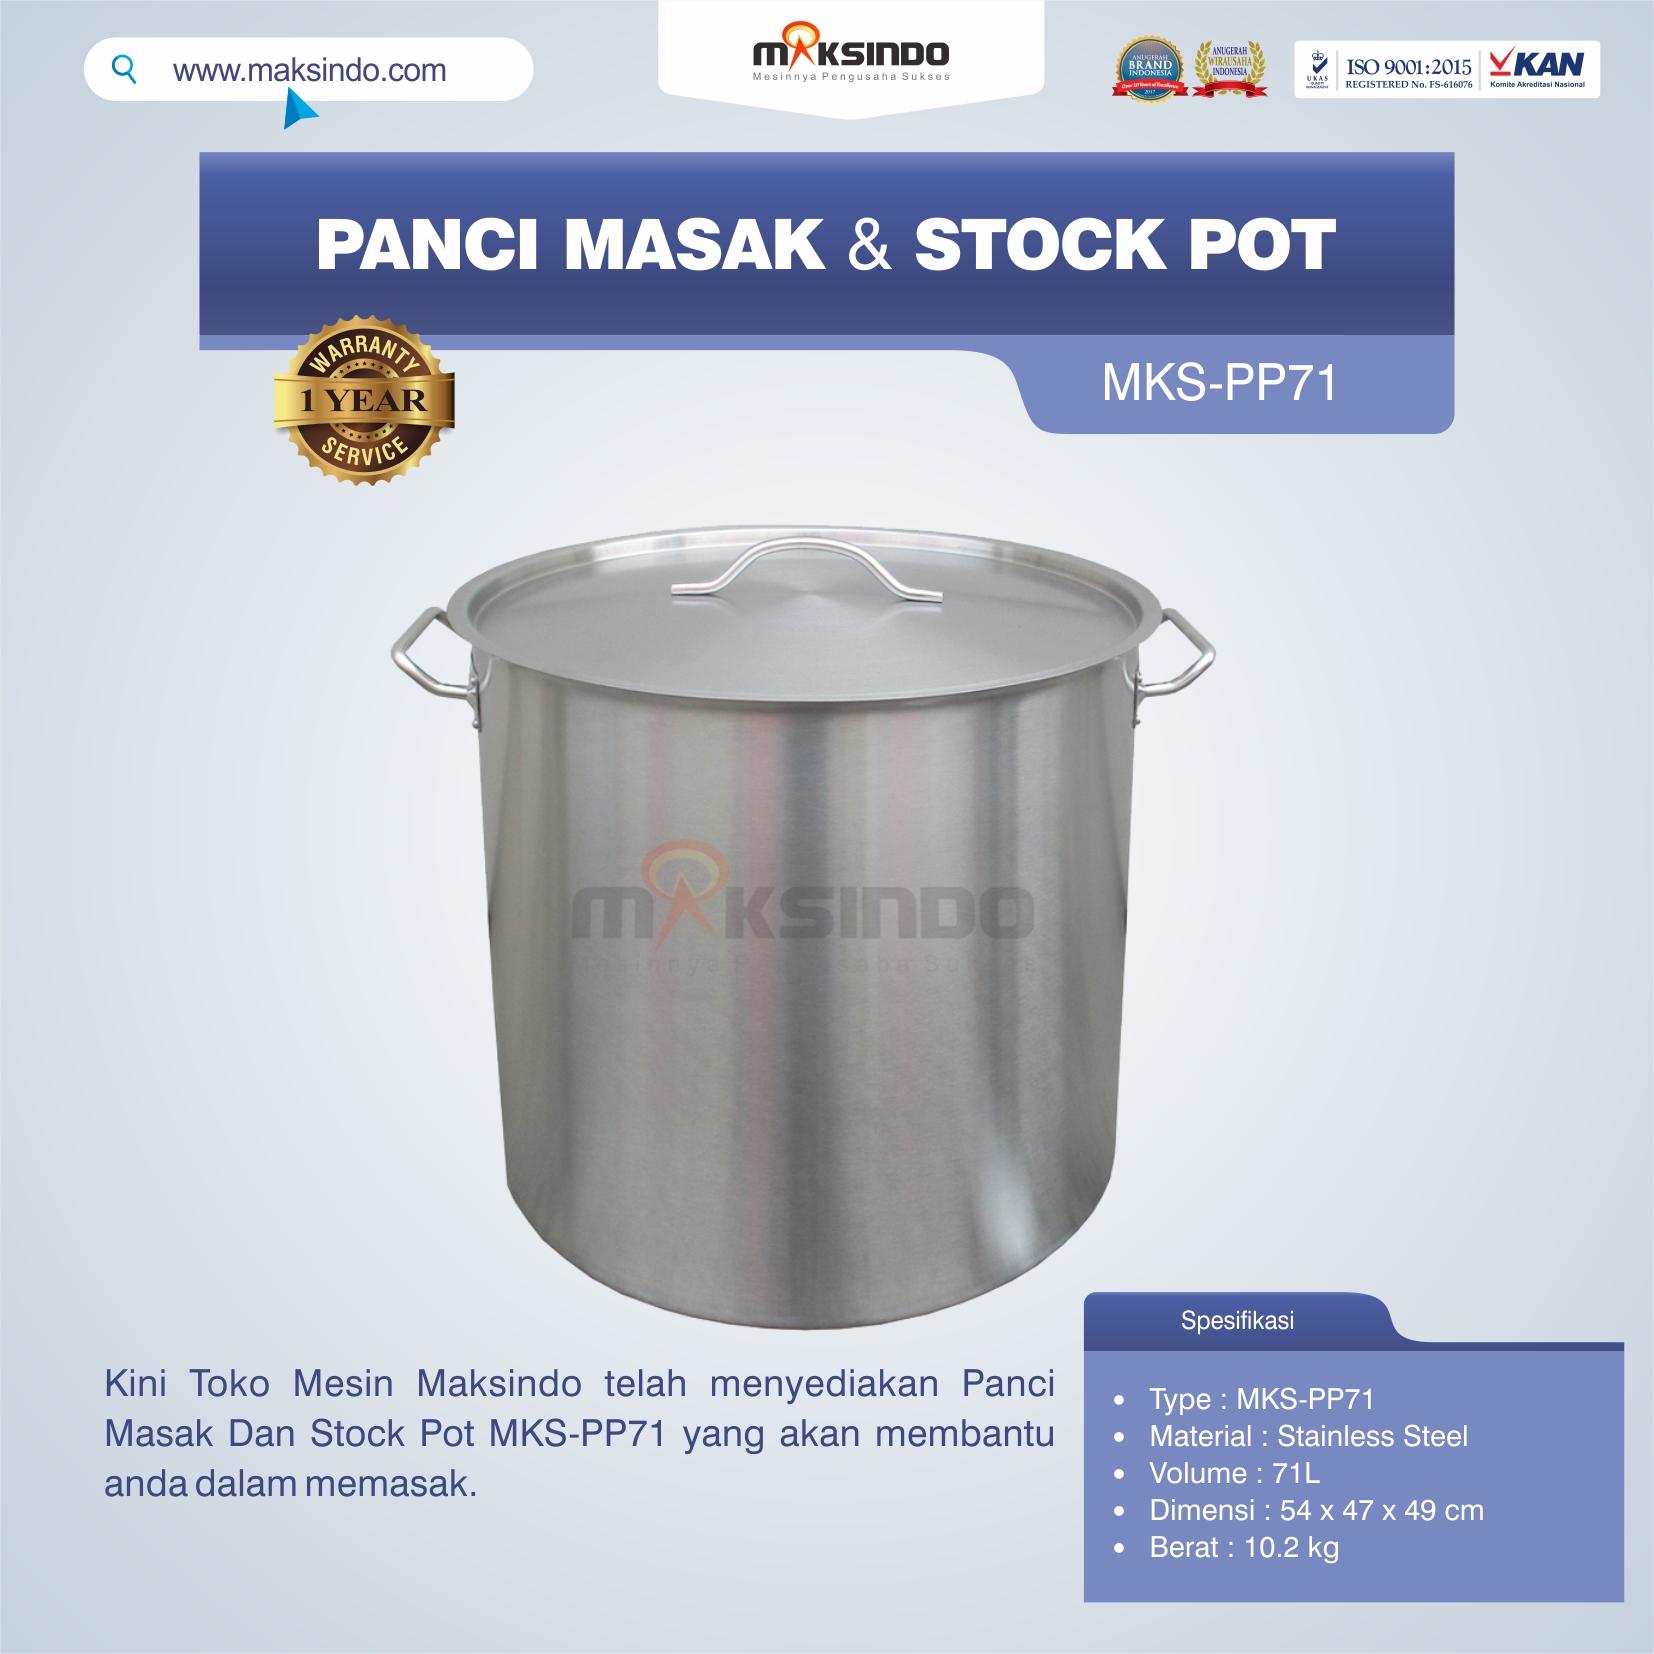 Jual Panci Masak Dan Stock Pot MKS-PP71 di Pekanbaru